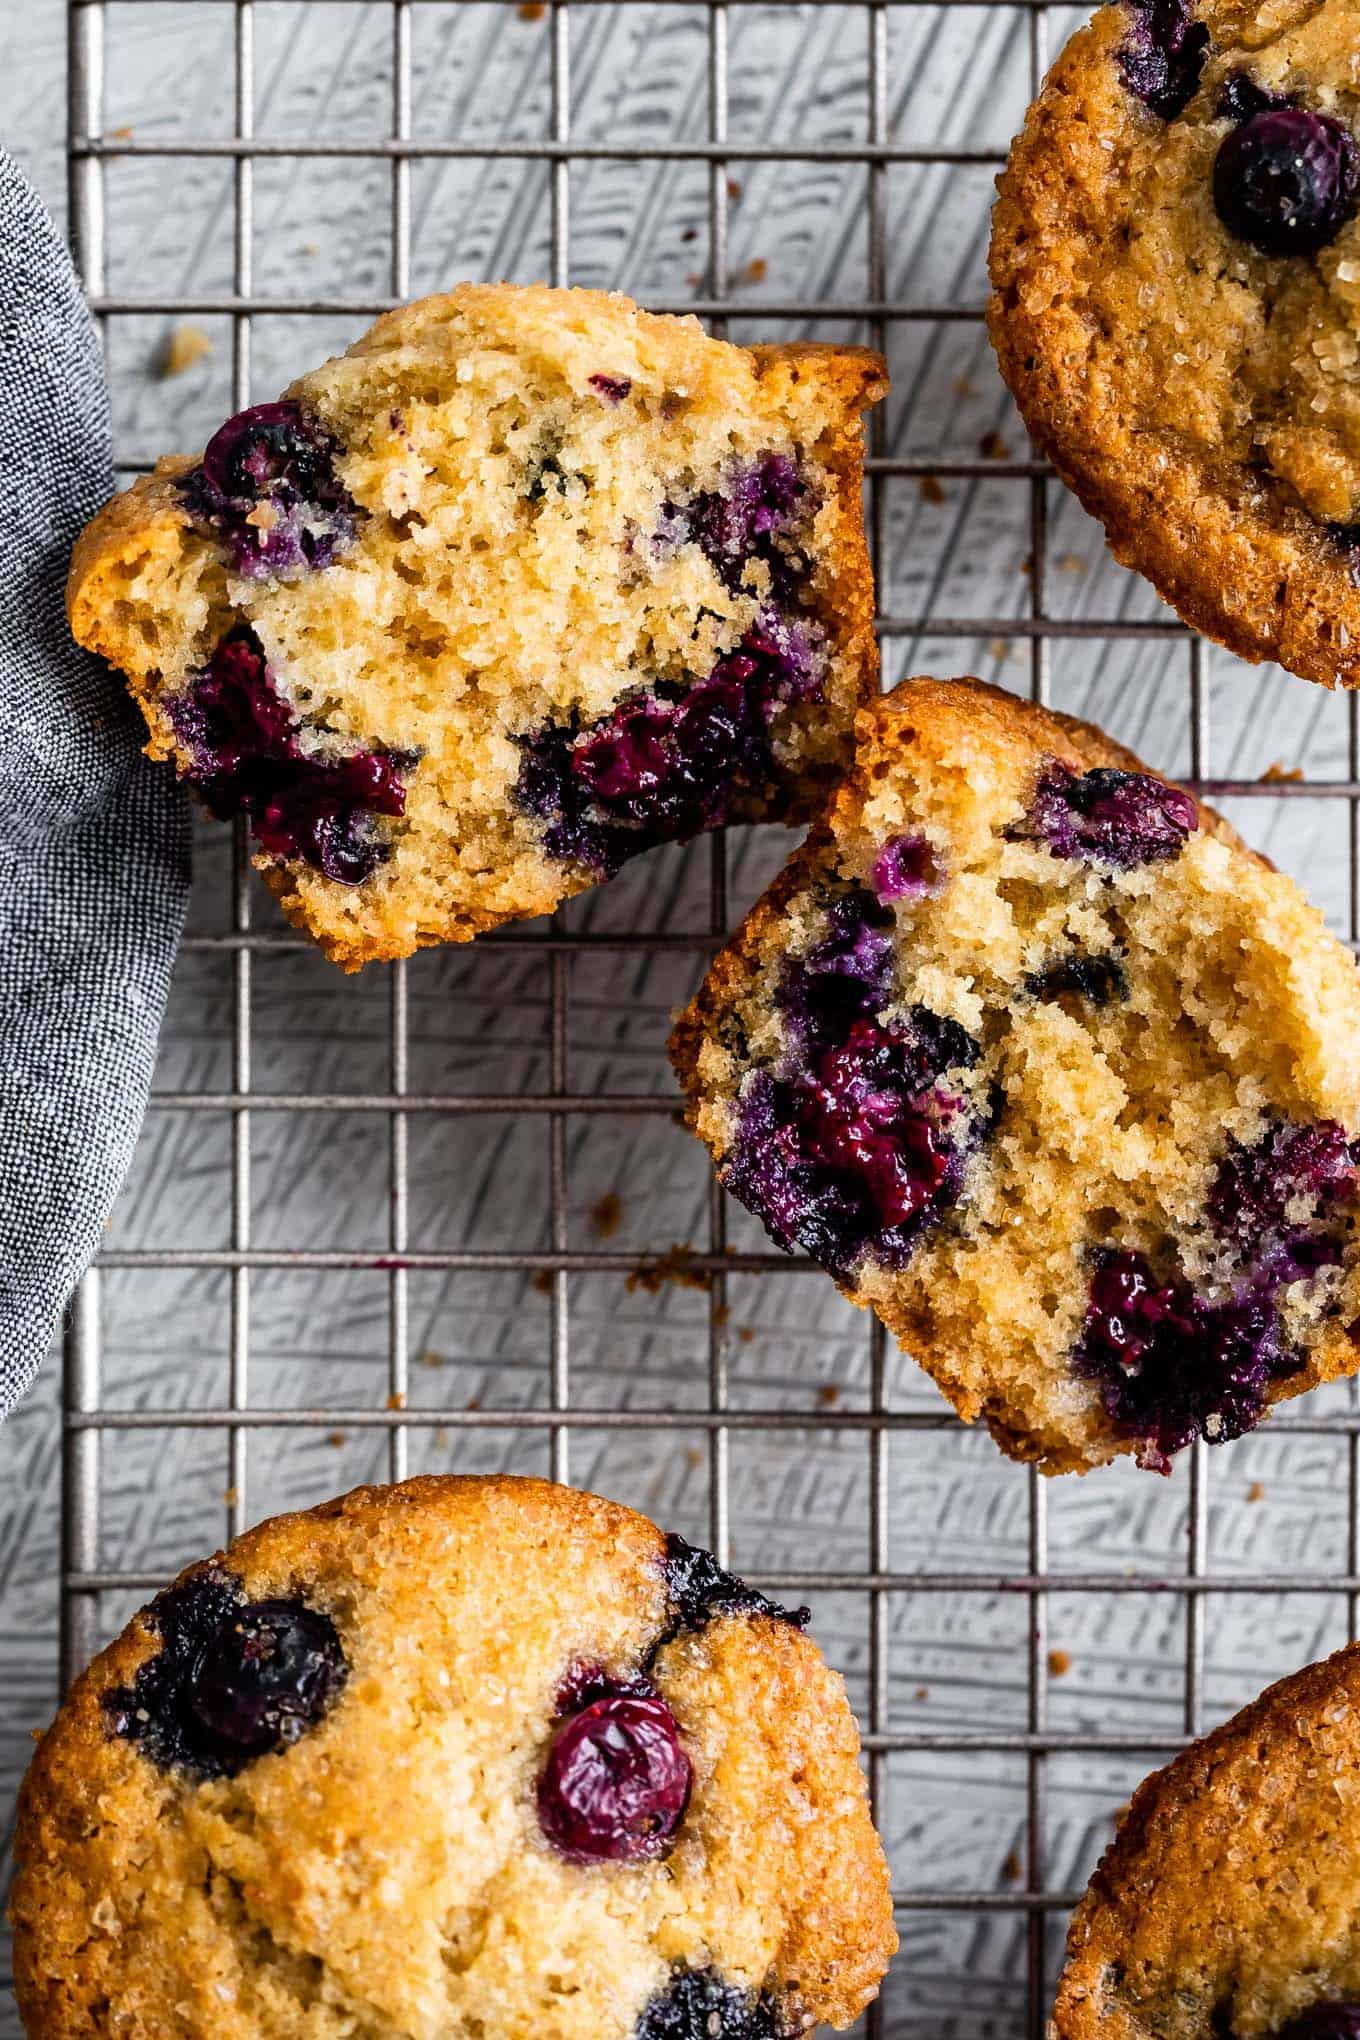 Best Gluten-Free Blueberry Muffins Recipe